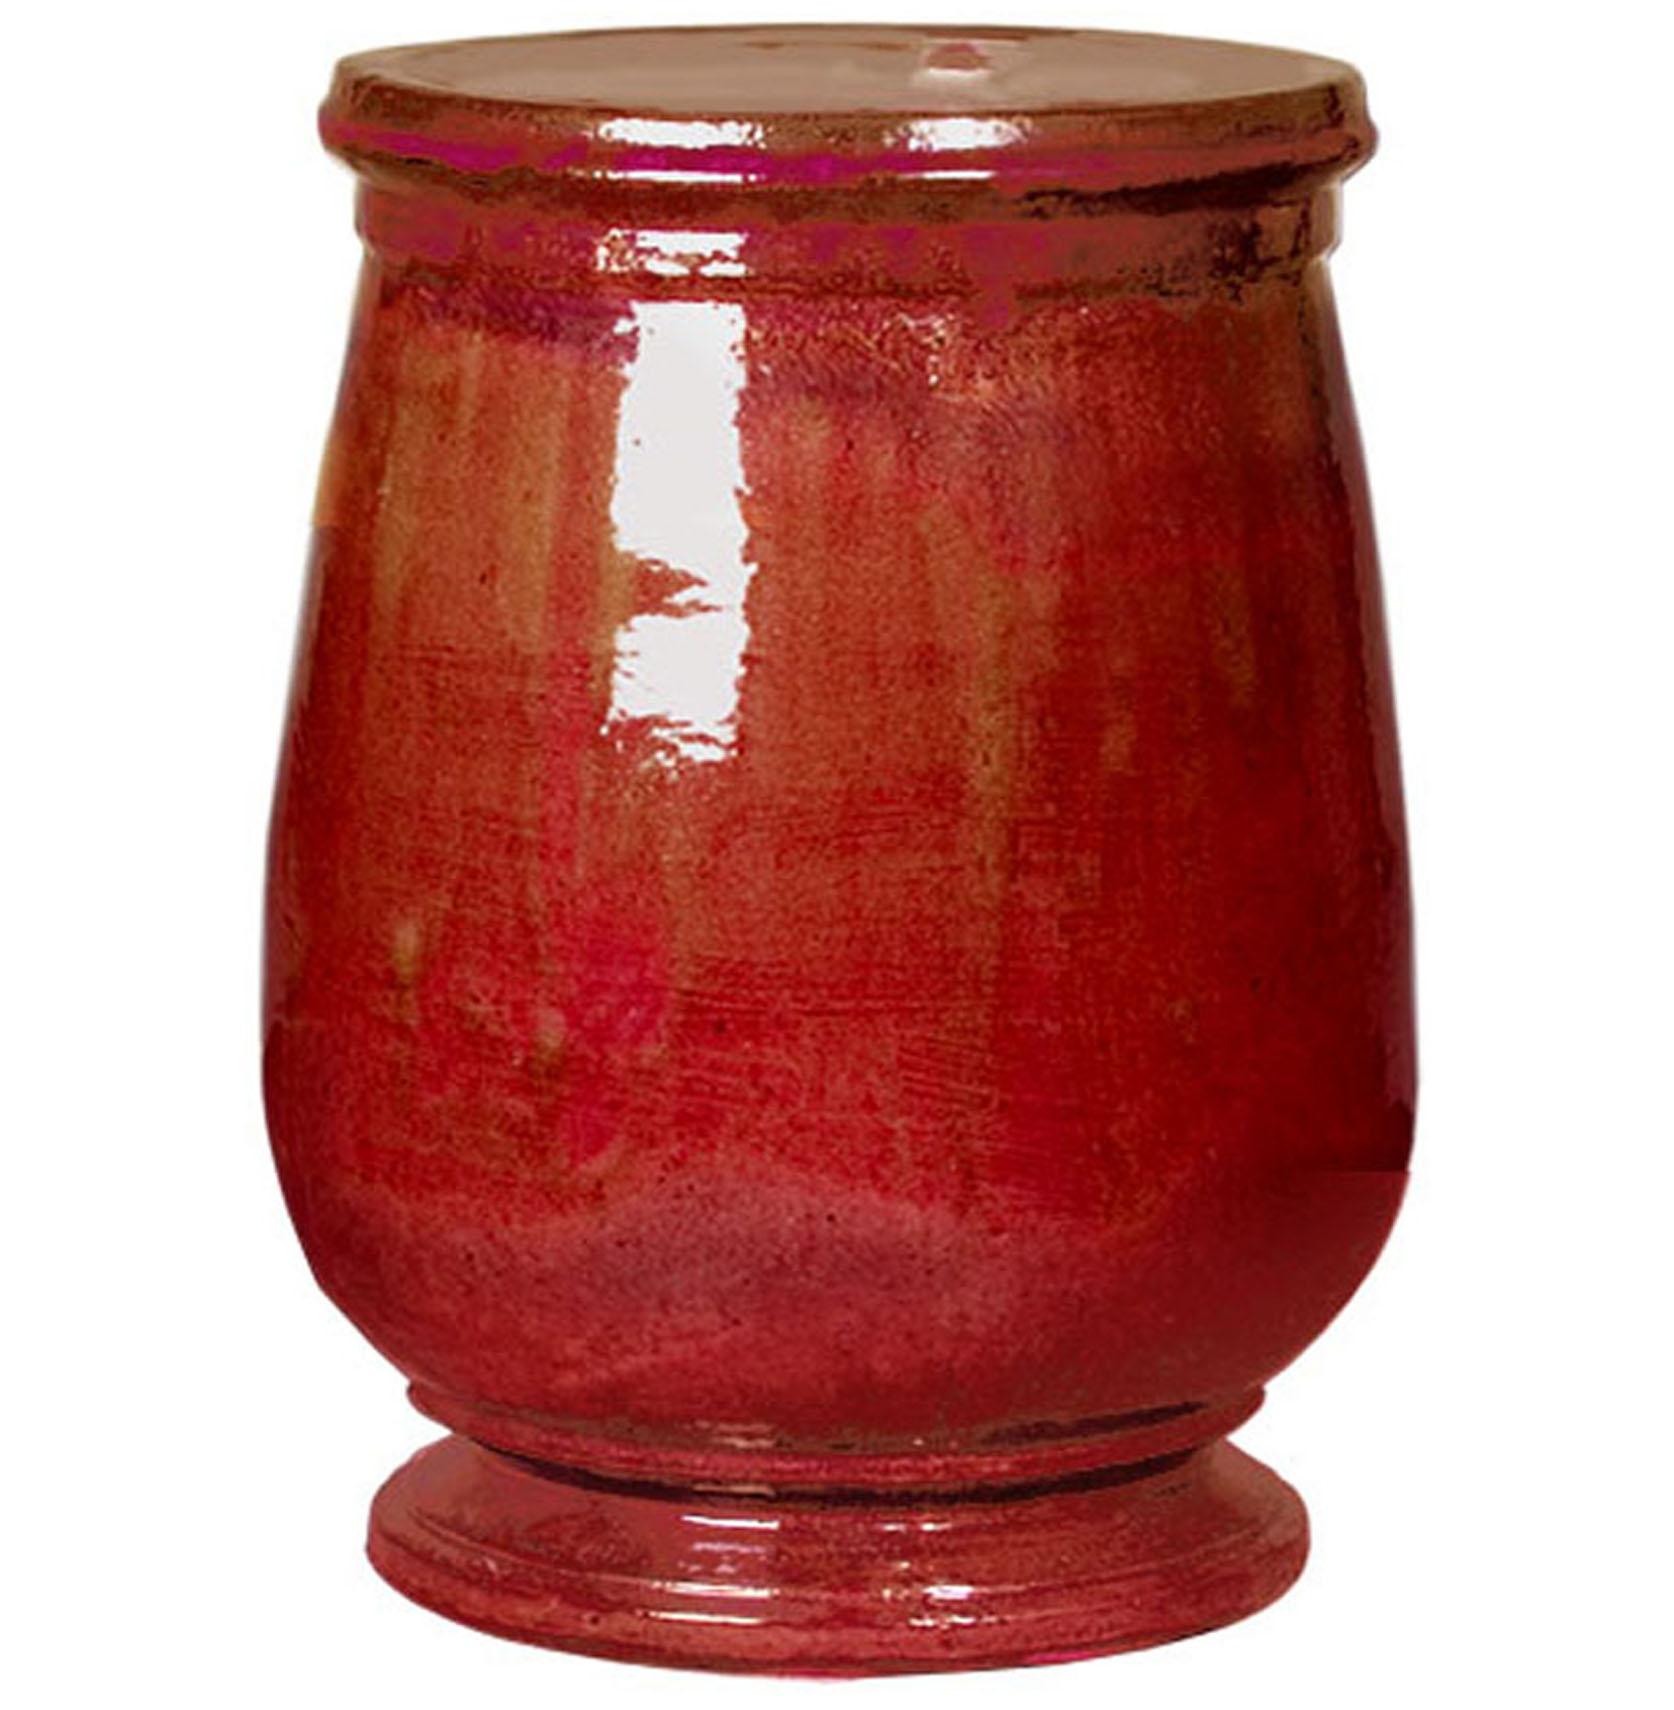 Tuscan Red Urn Shaped Ceramic Garden Stool Seat